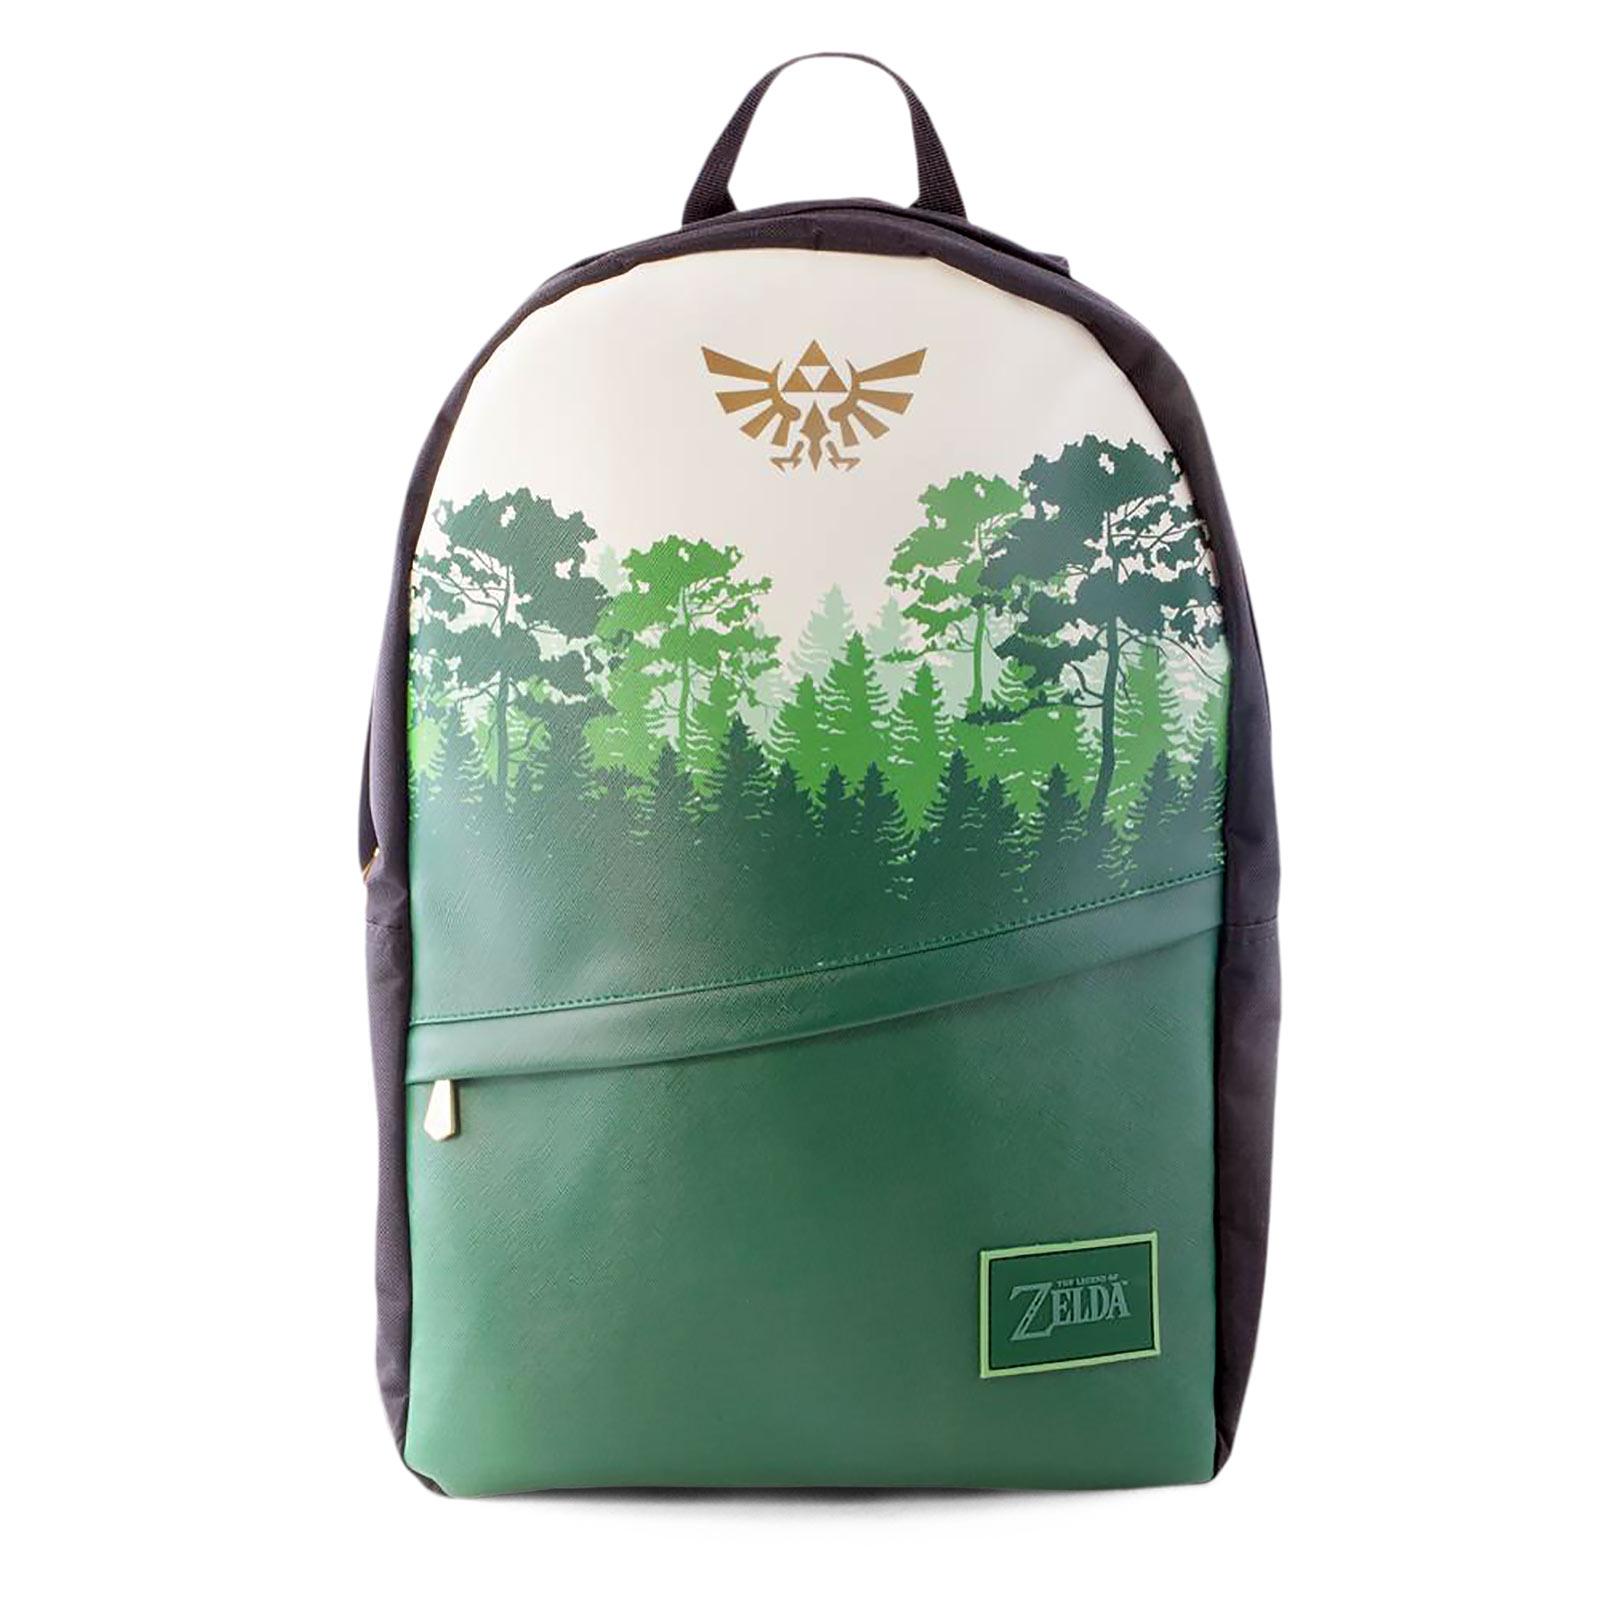 Zelda - Hyrule Green Forest Rucksack